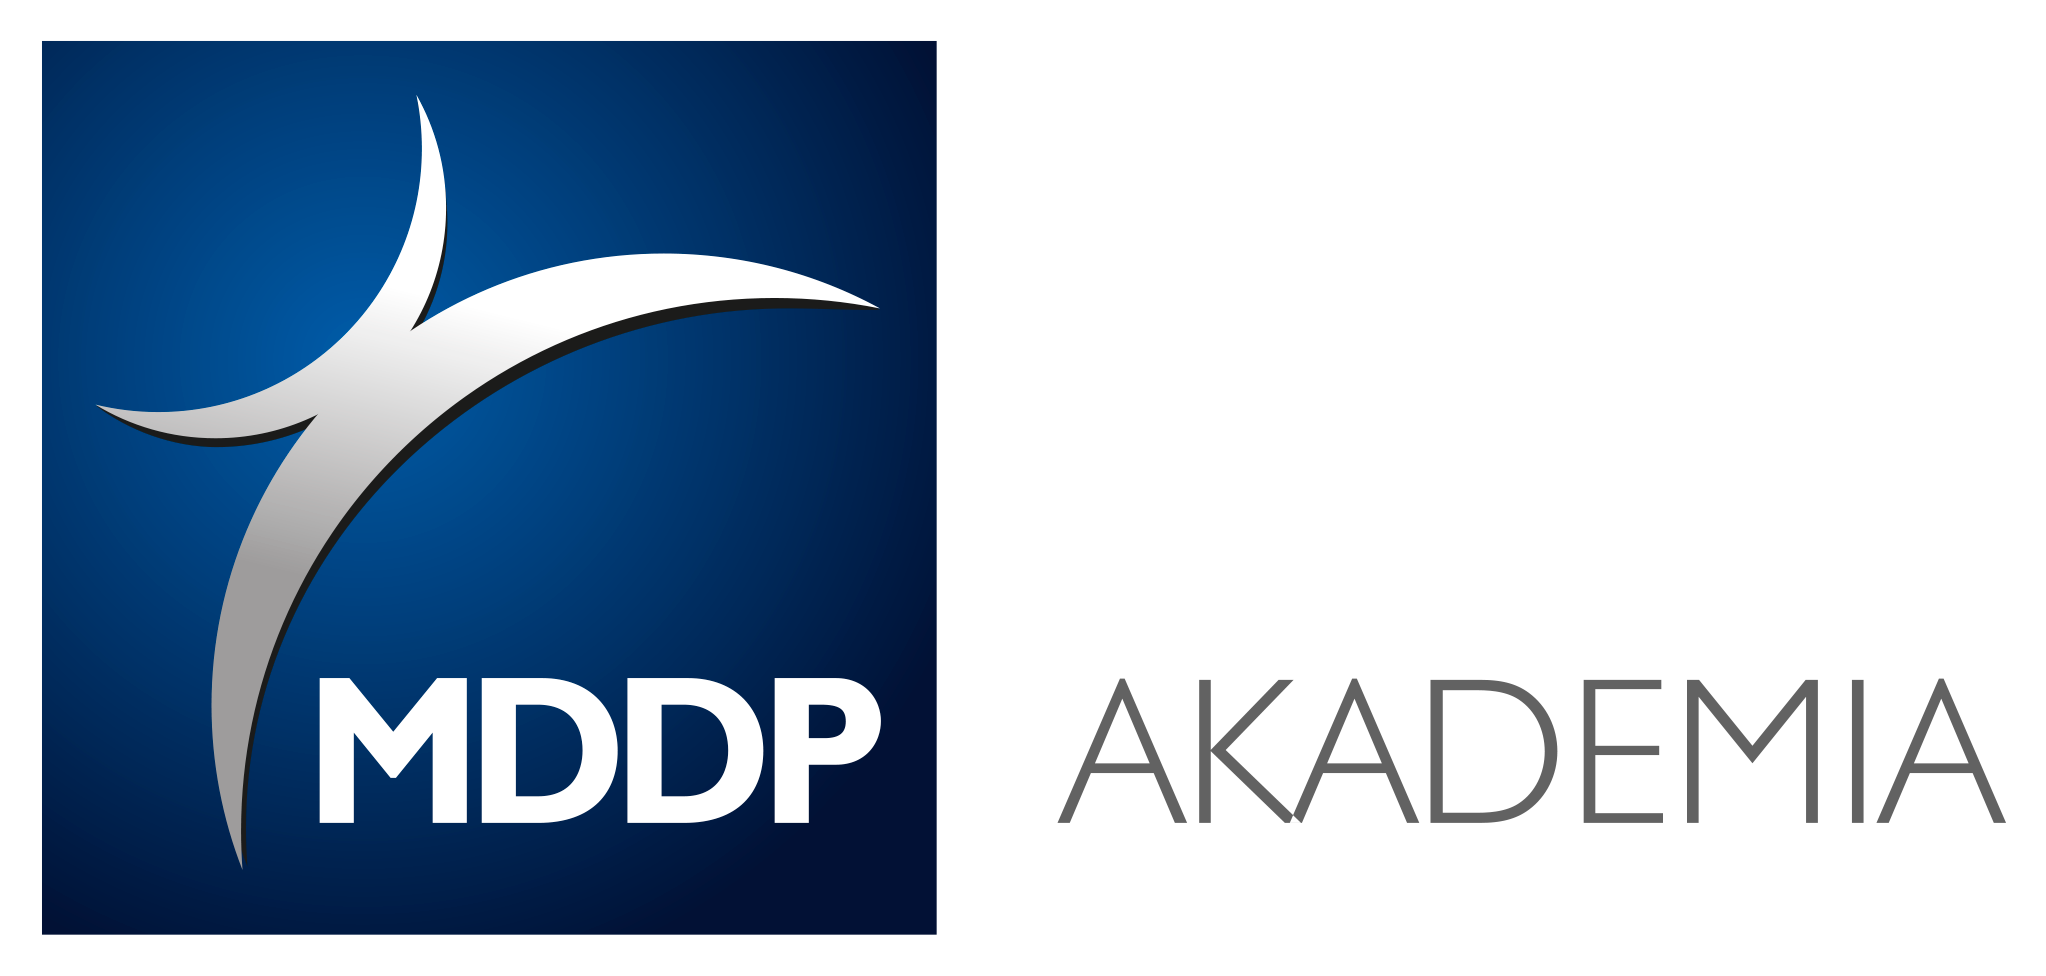 Logo AKADEMIA MDDP spółka z ograniczoną odpowiedzialnością spółka komandytowa